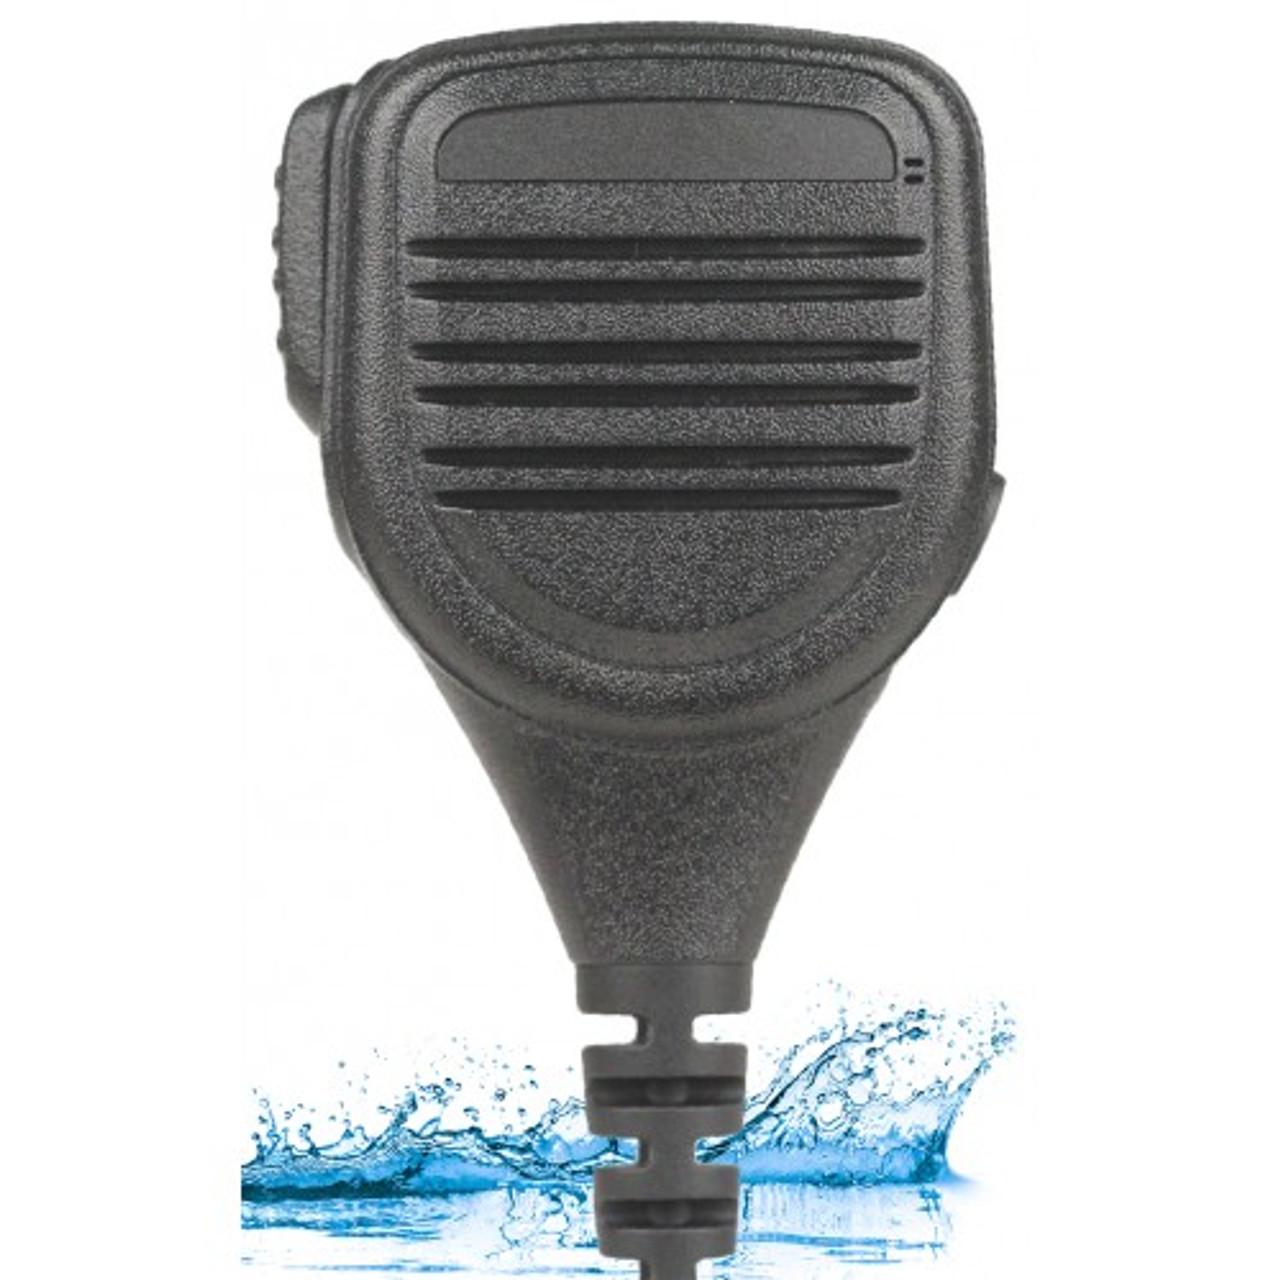 National Two Way Waterproof Speaker Microphone